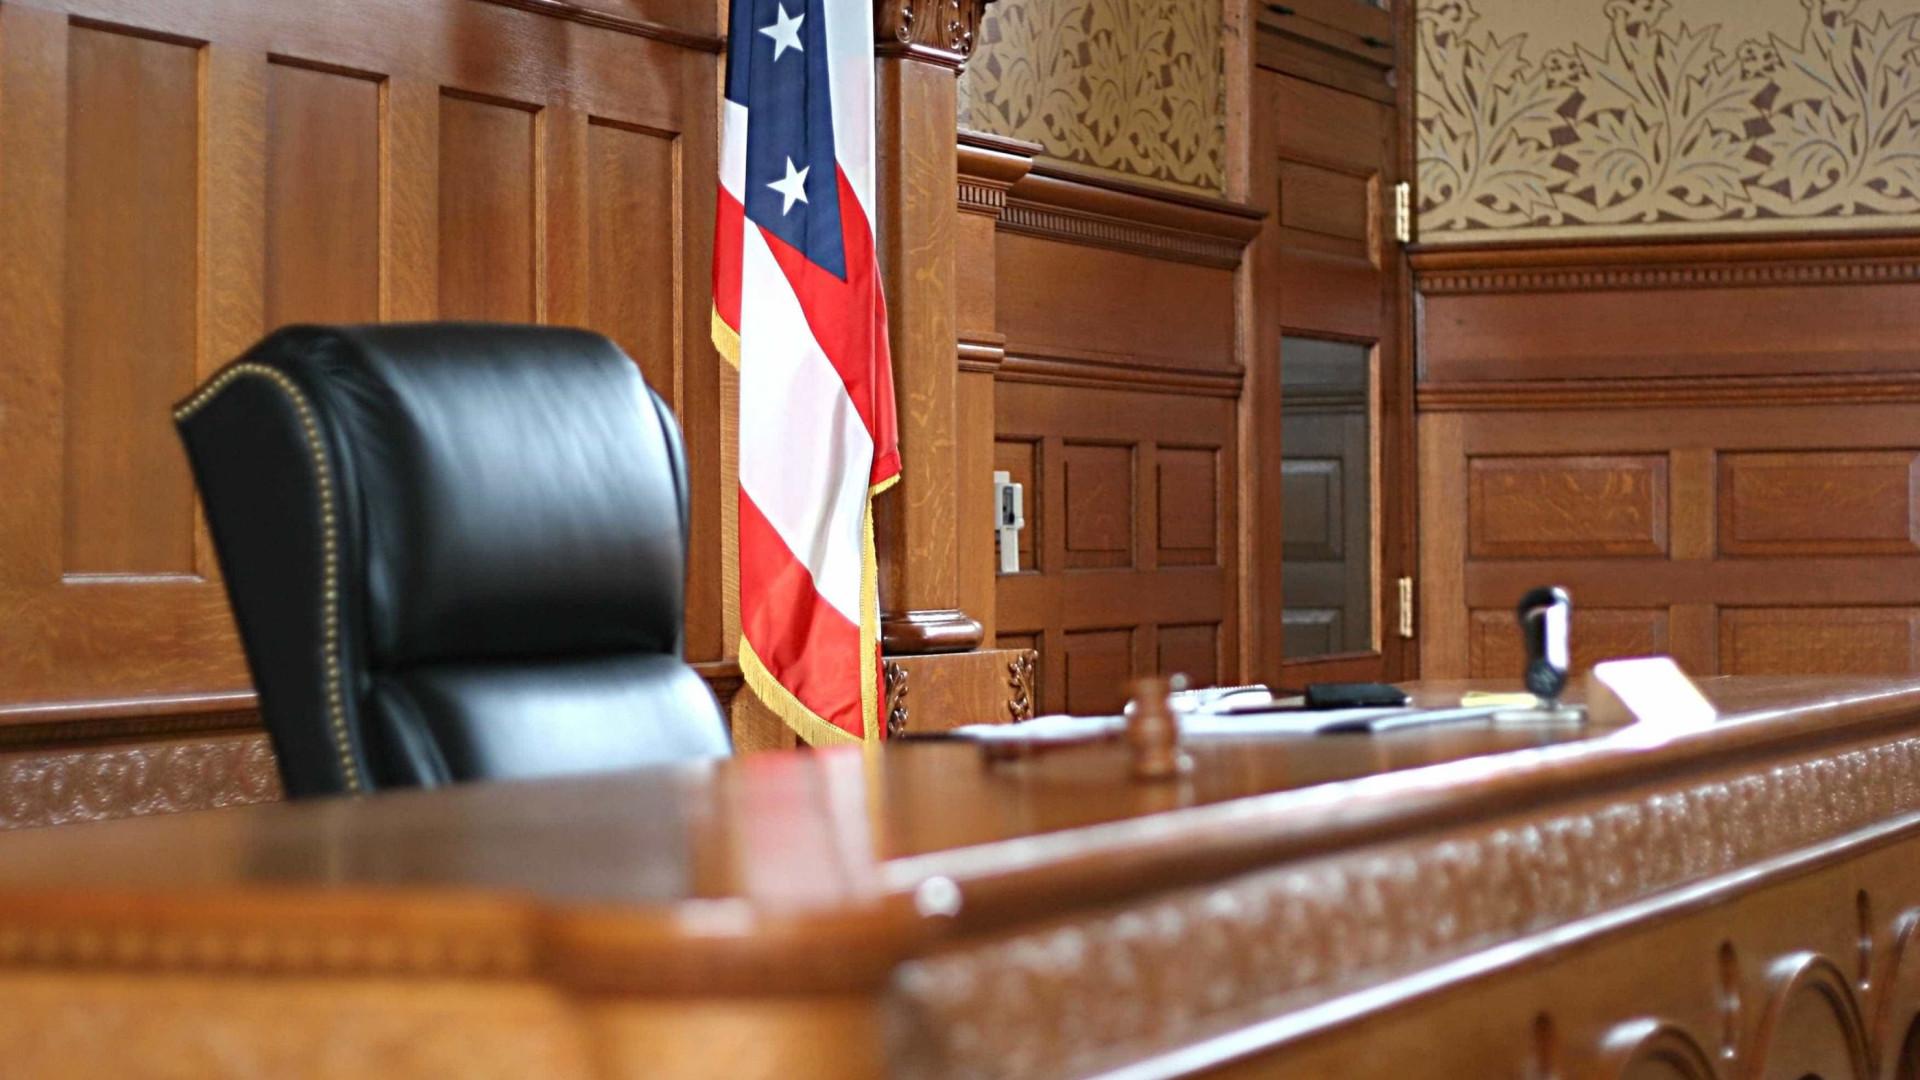 Estado norte-americano de Arkansas realiza primeira execução desde 2005